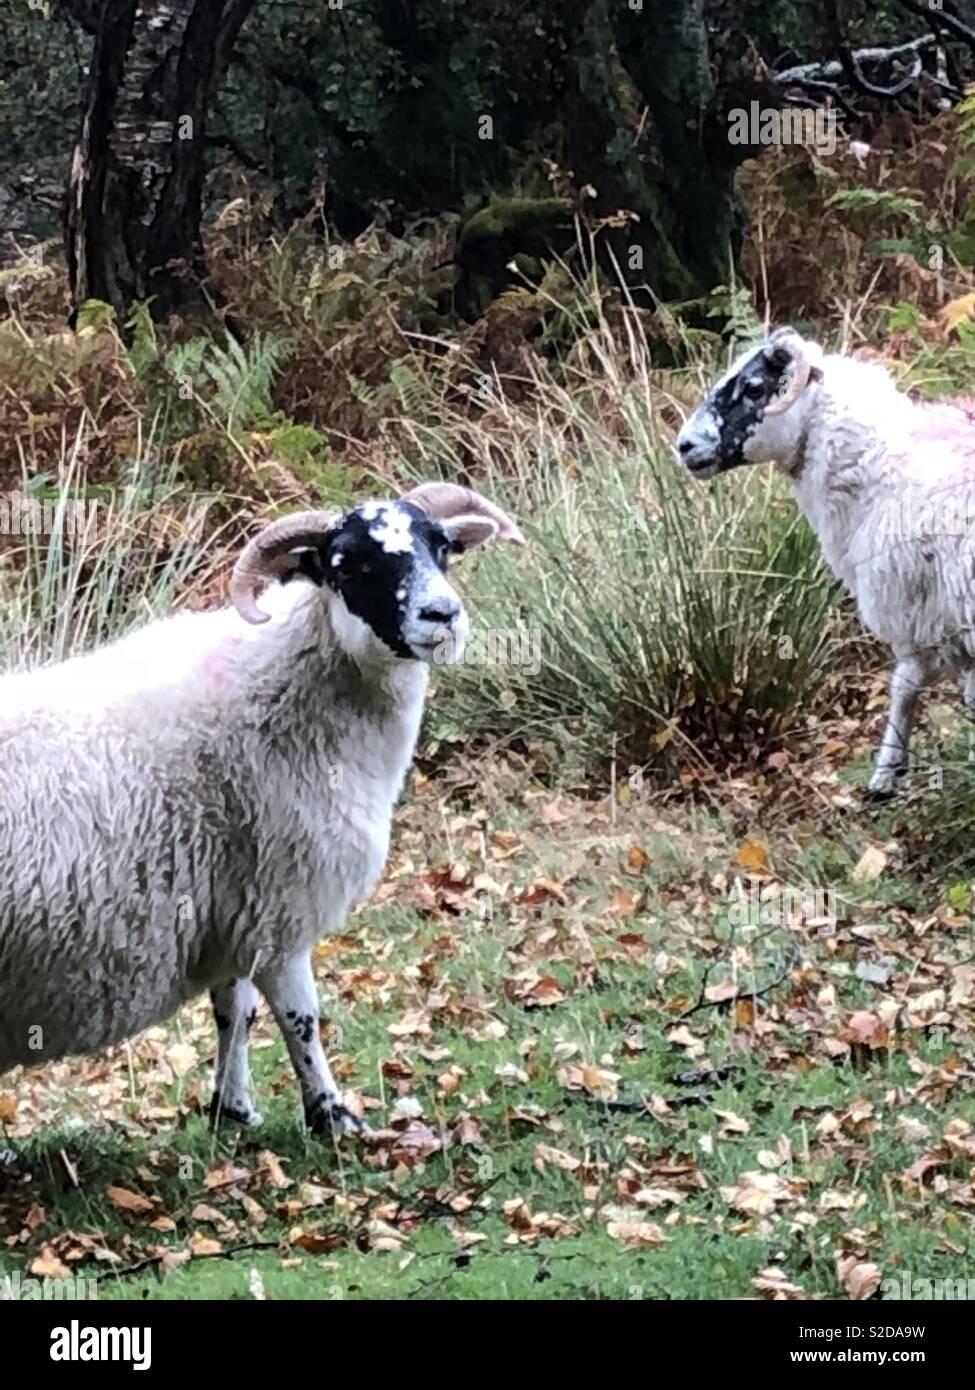 Scottish sheep on rainy day - Stock Image